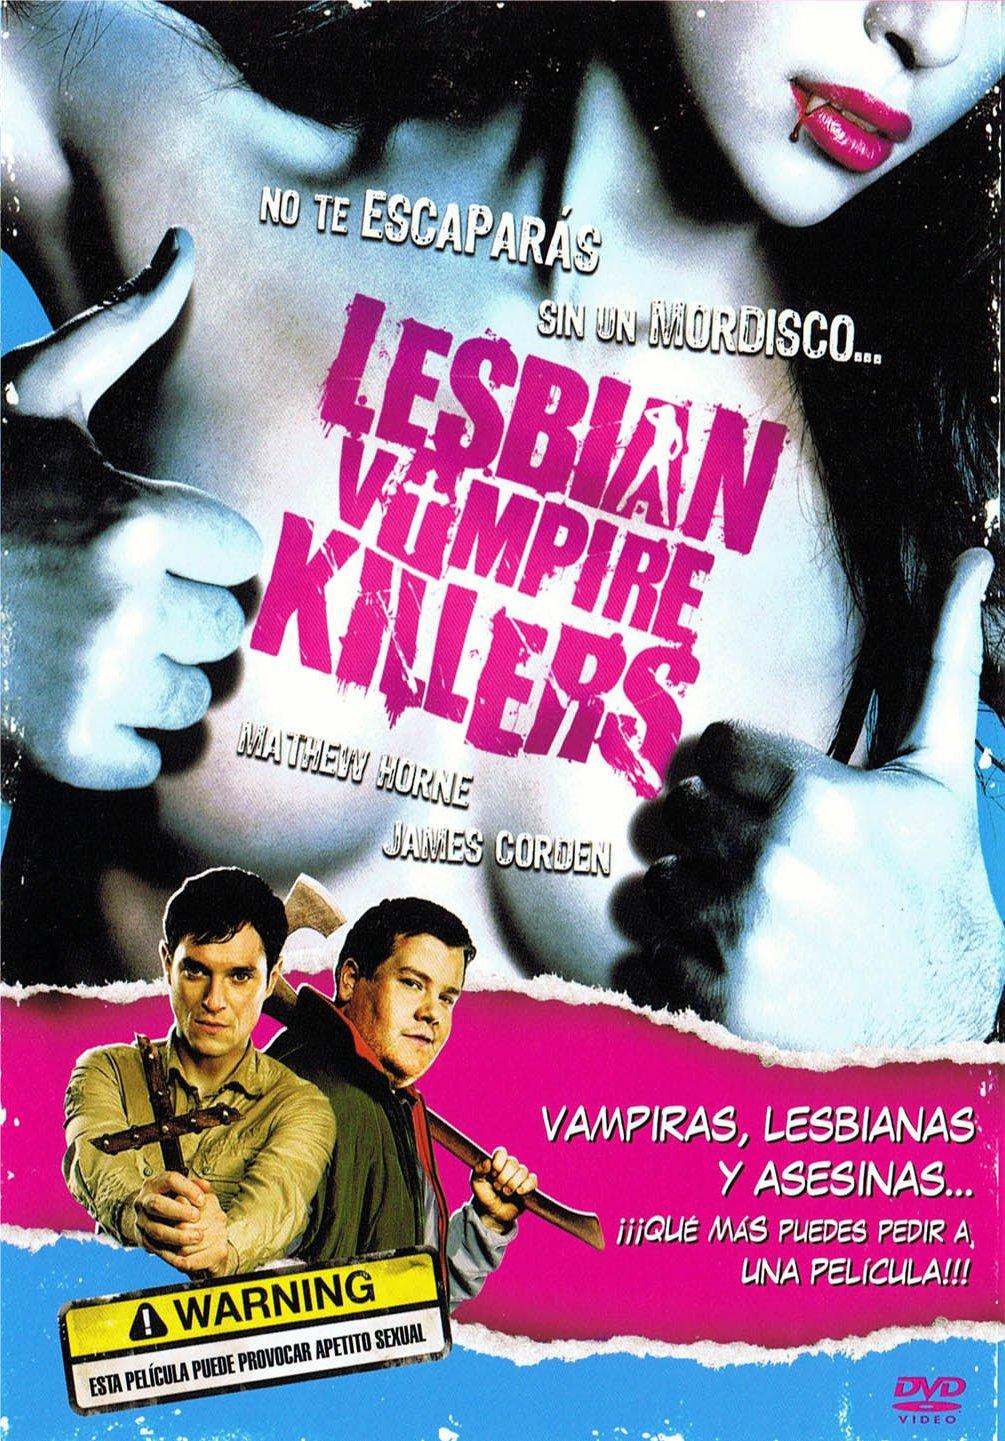 Emer Kenny en asesinos de vampiros lesbianas